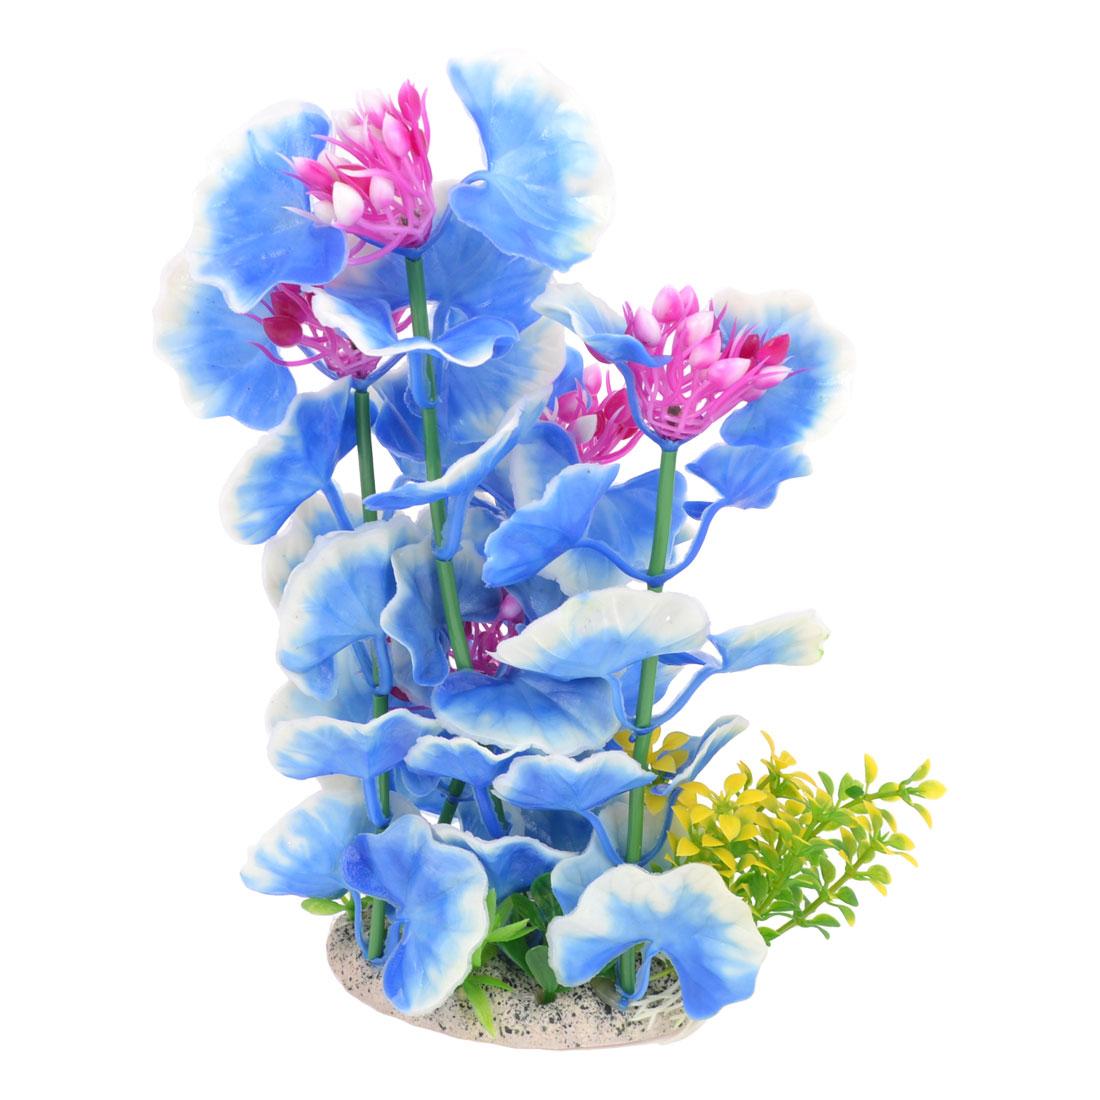 21.5cm Height Aquarium Landscaping Blue White Plastic Artificial Aquatic Grass